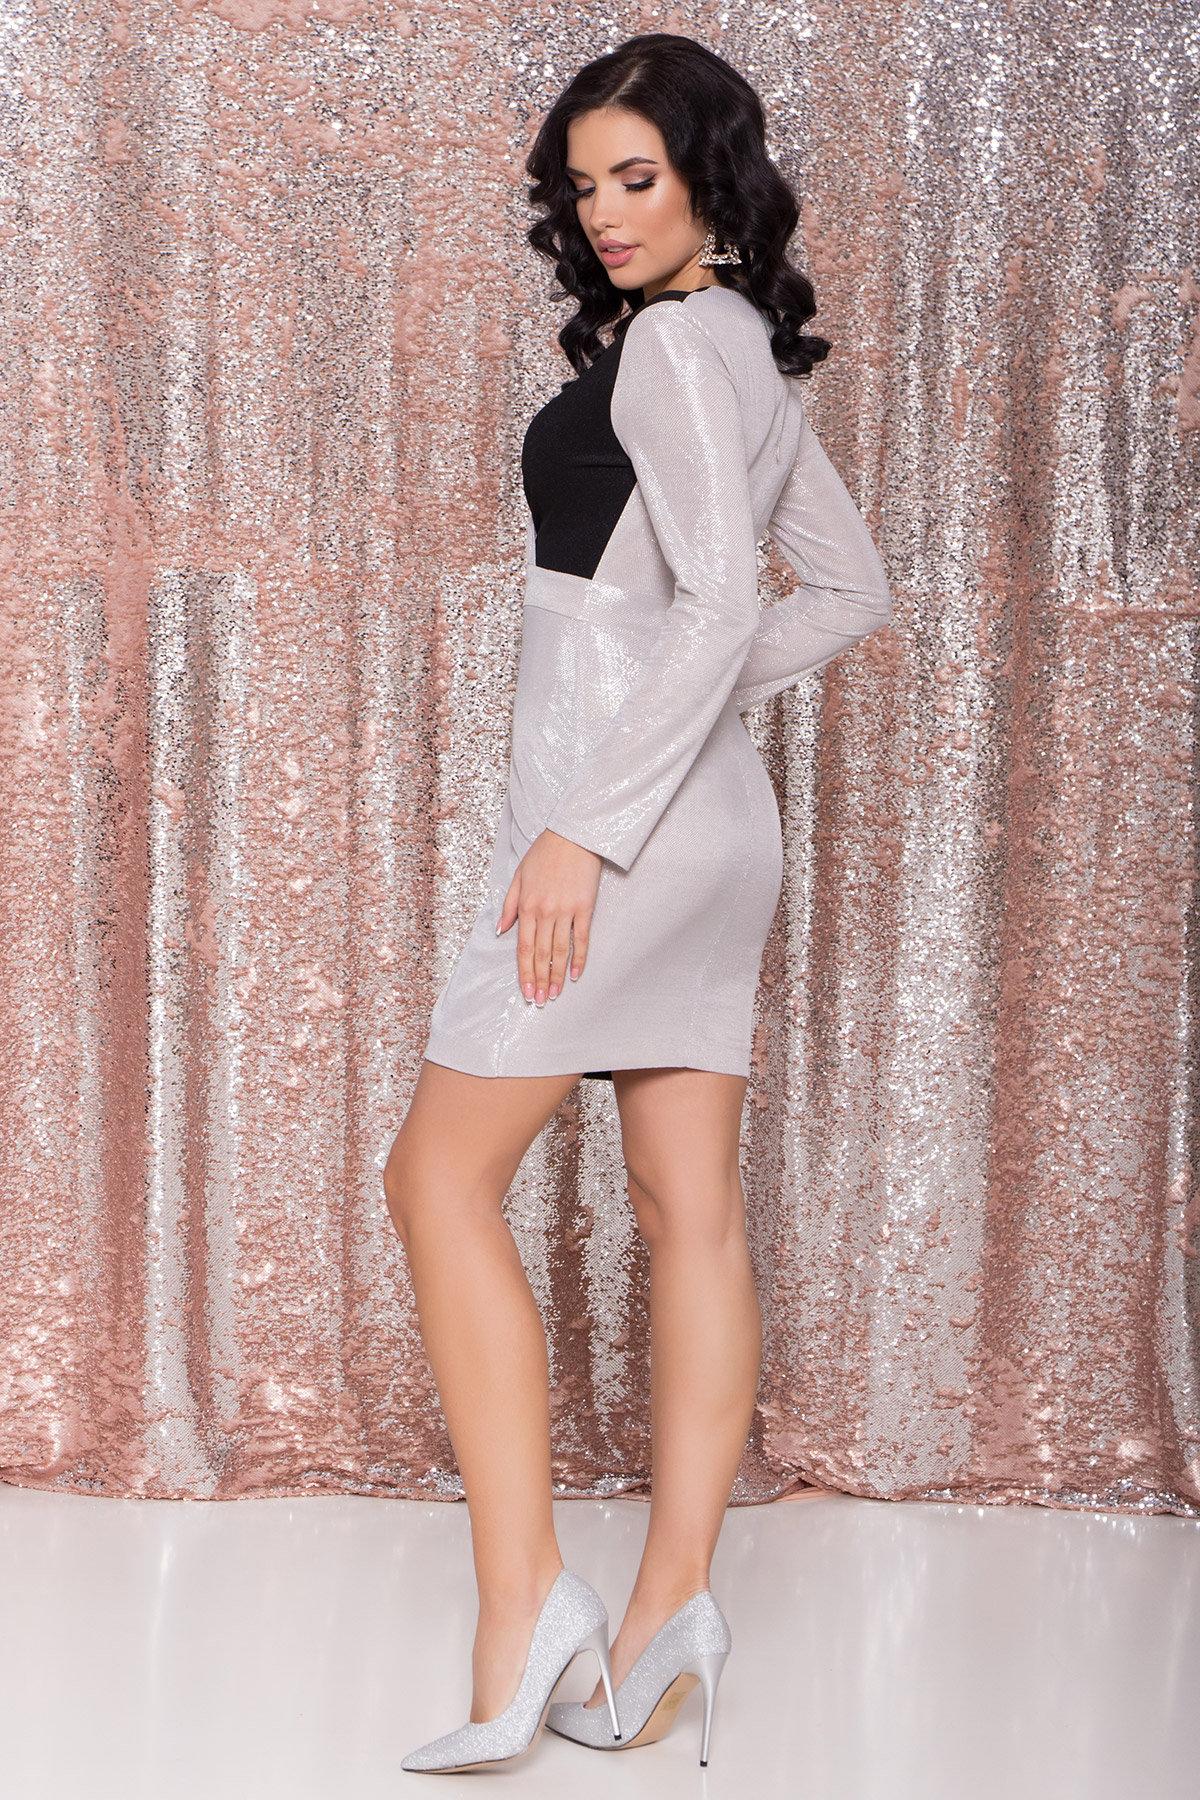 Контрастное двухцветное платье Блеск 8670 АРТ. 44988 Цвет: Серебро/черный - фото 7, интернет магазин tm-modus.ru